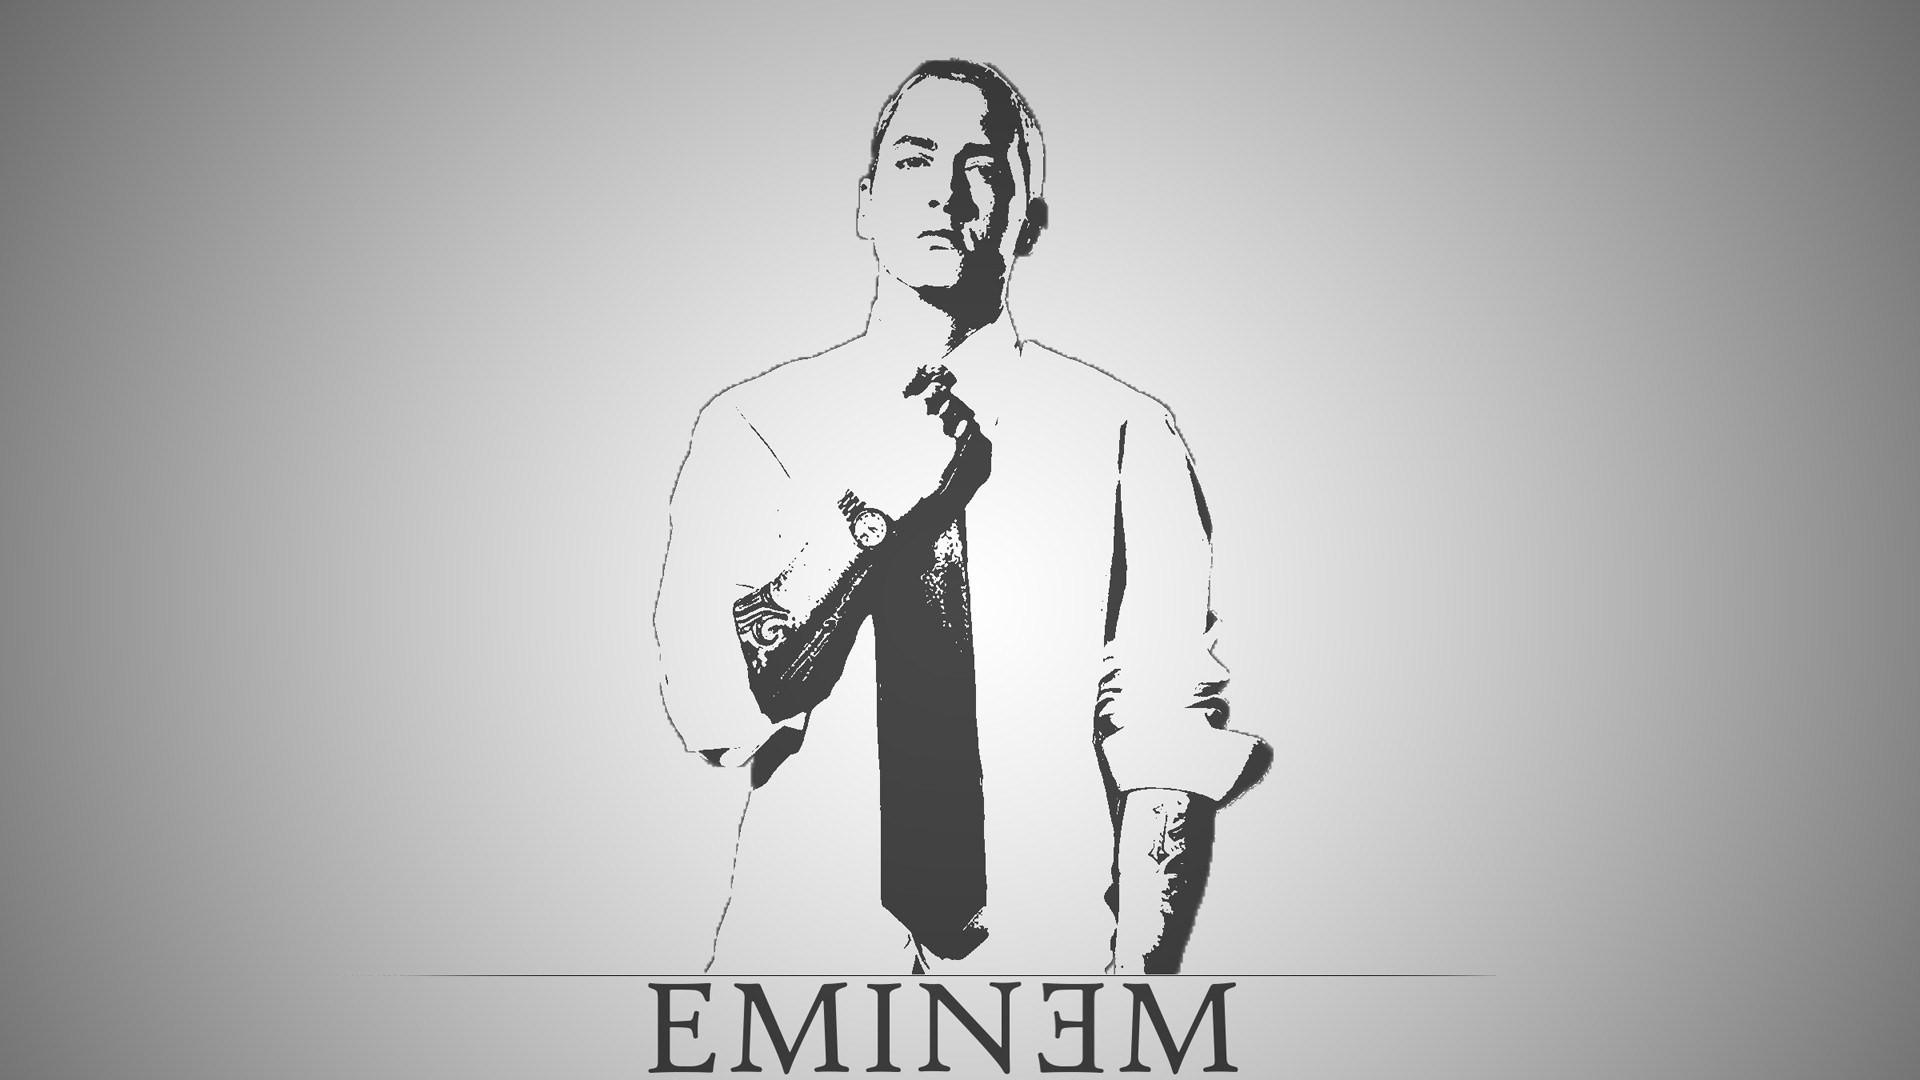 Eminem Wallpaper Hd 2018 69 Images